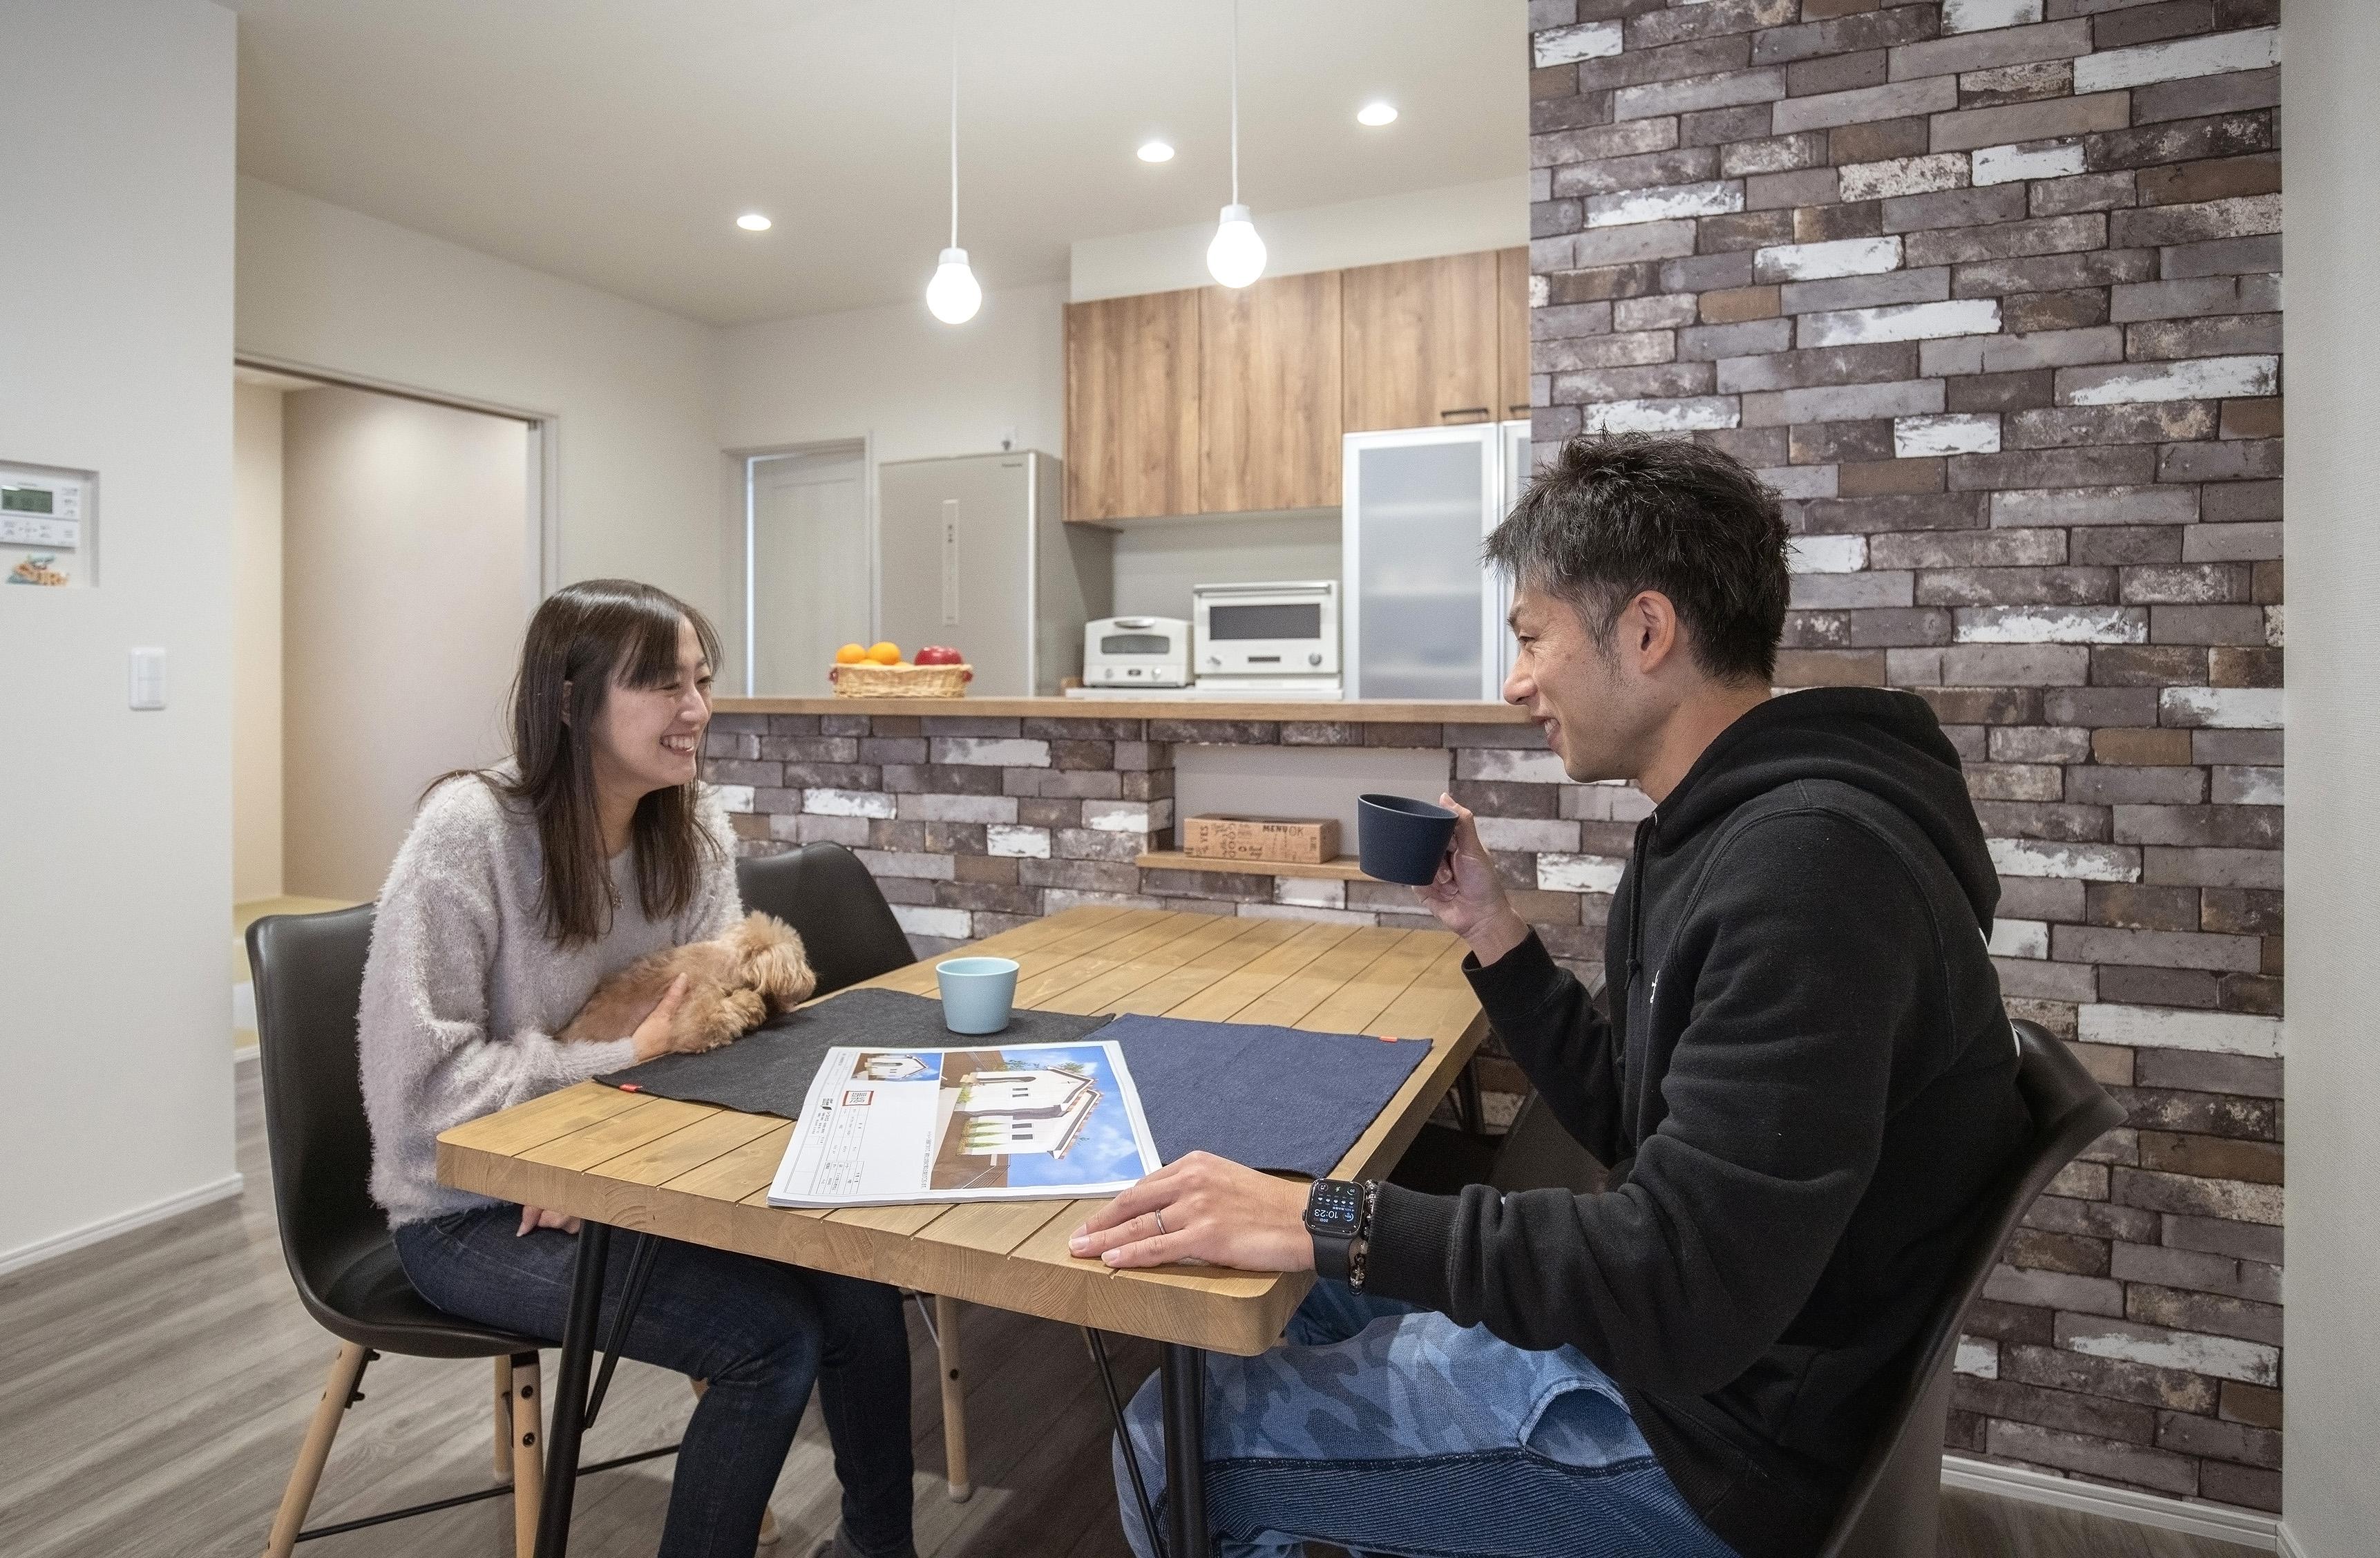 生活導線にこだわったカフェスタイルの平屋住宅 生活イメージ